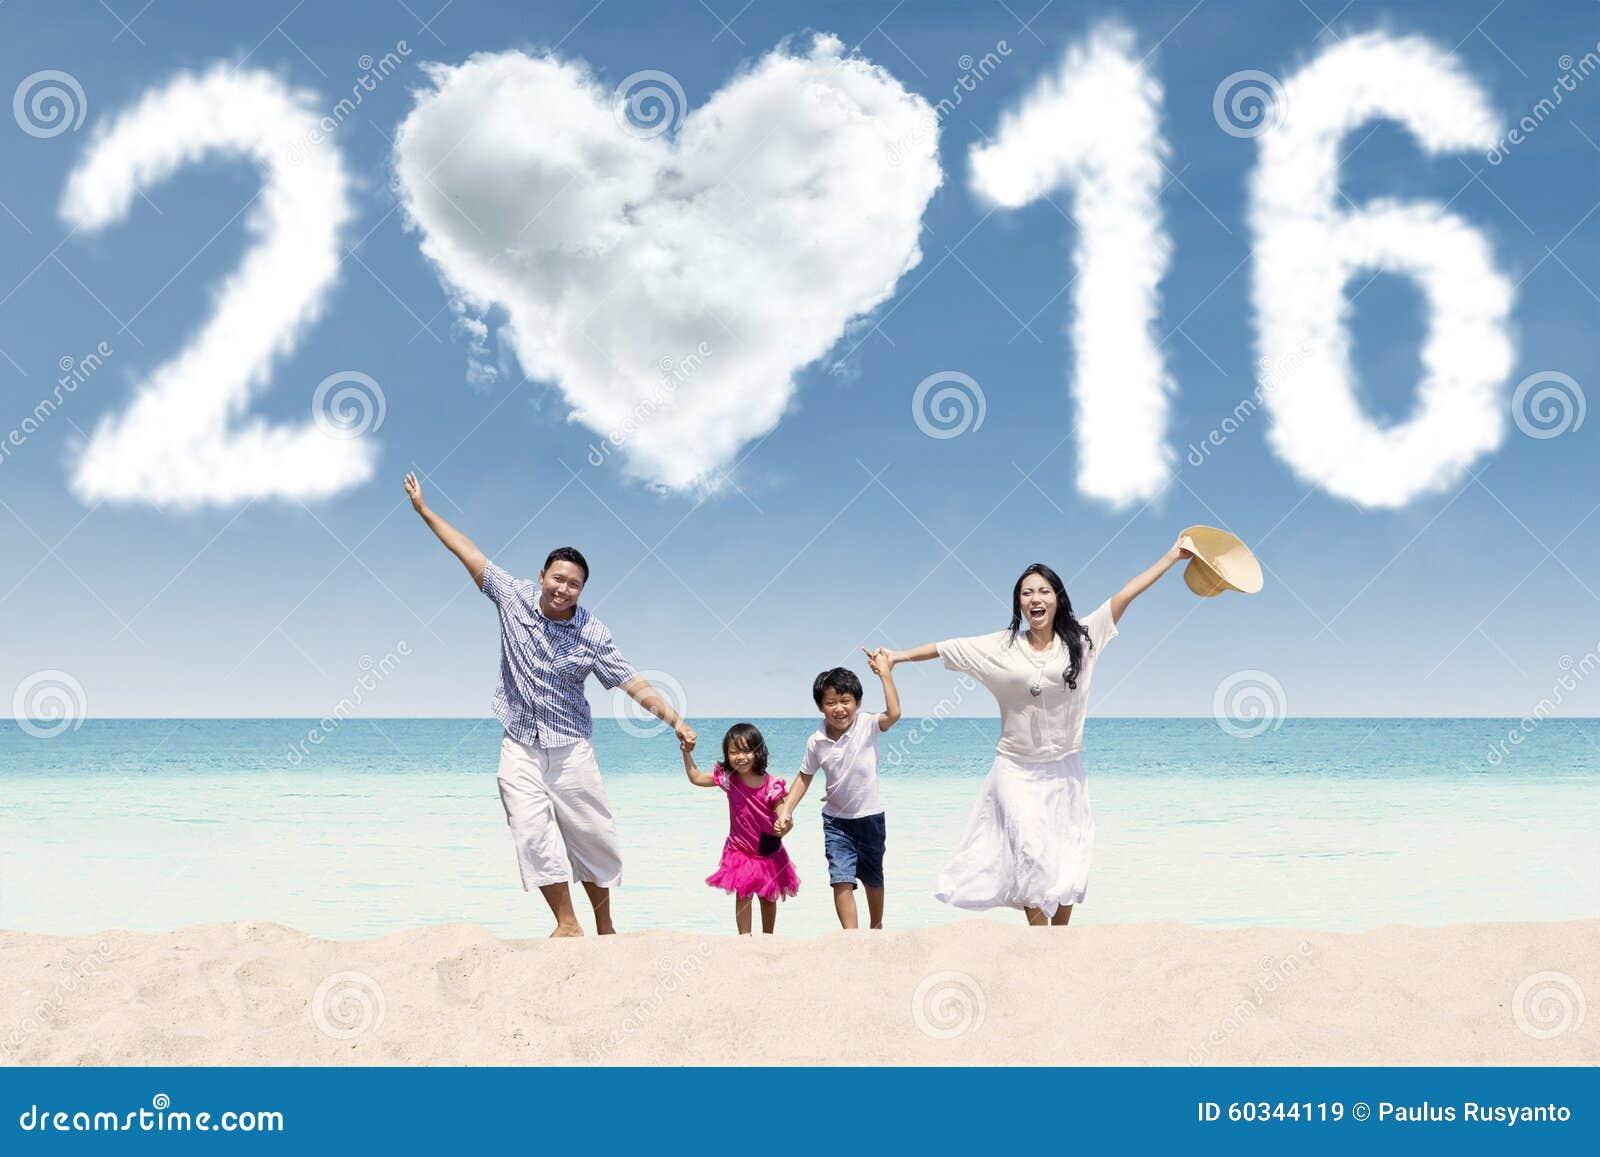 Familie feiern neues Jahr von 2016 auf Strand